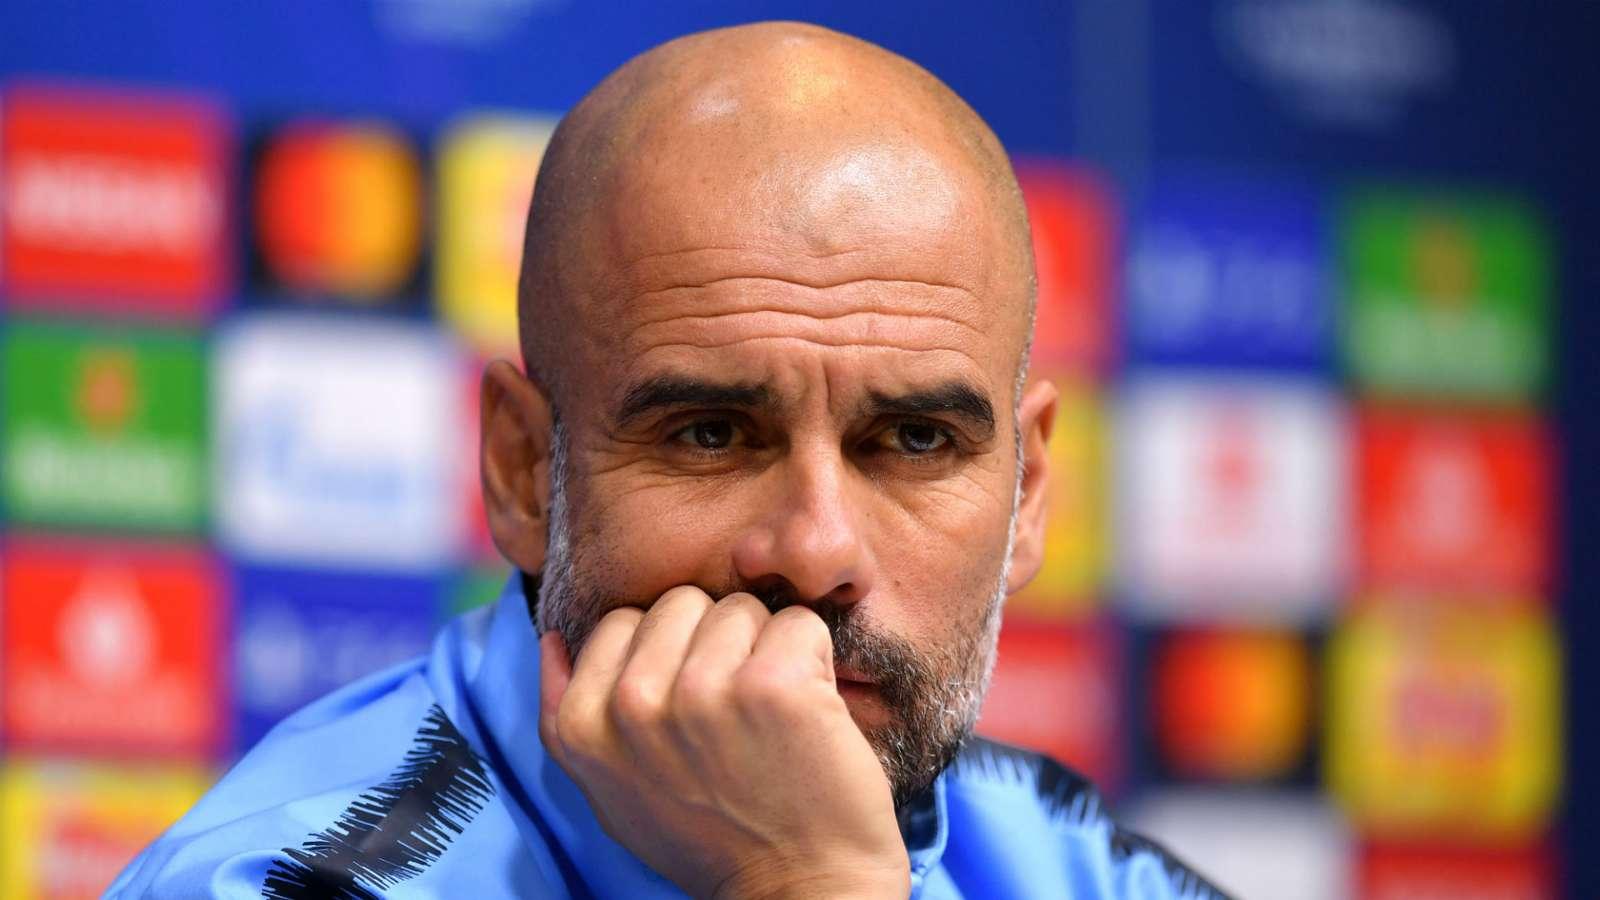 瓜帅:若欧冠没被淘汰,能否拿到联赛冠军?我也不好说